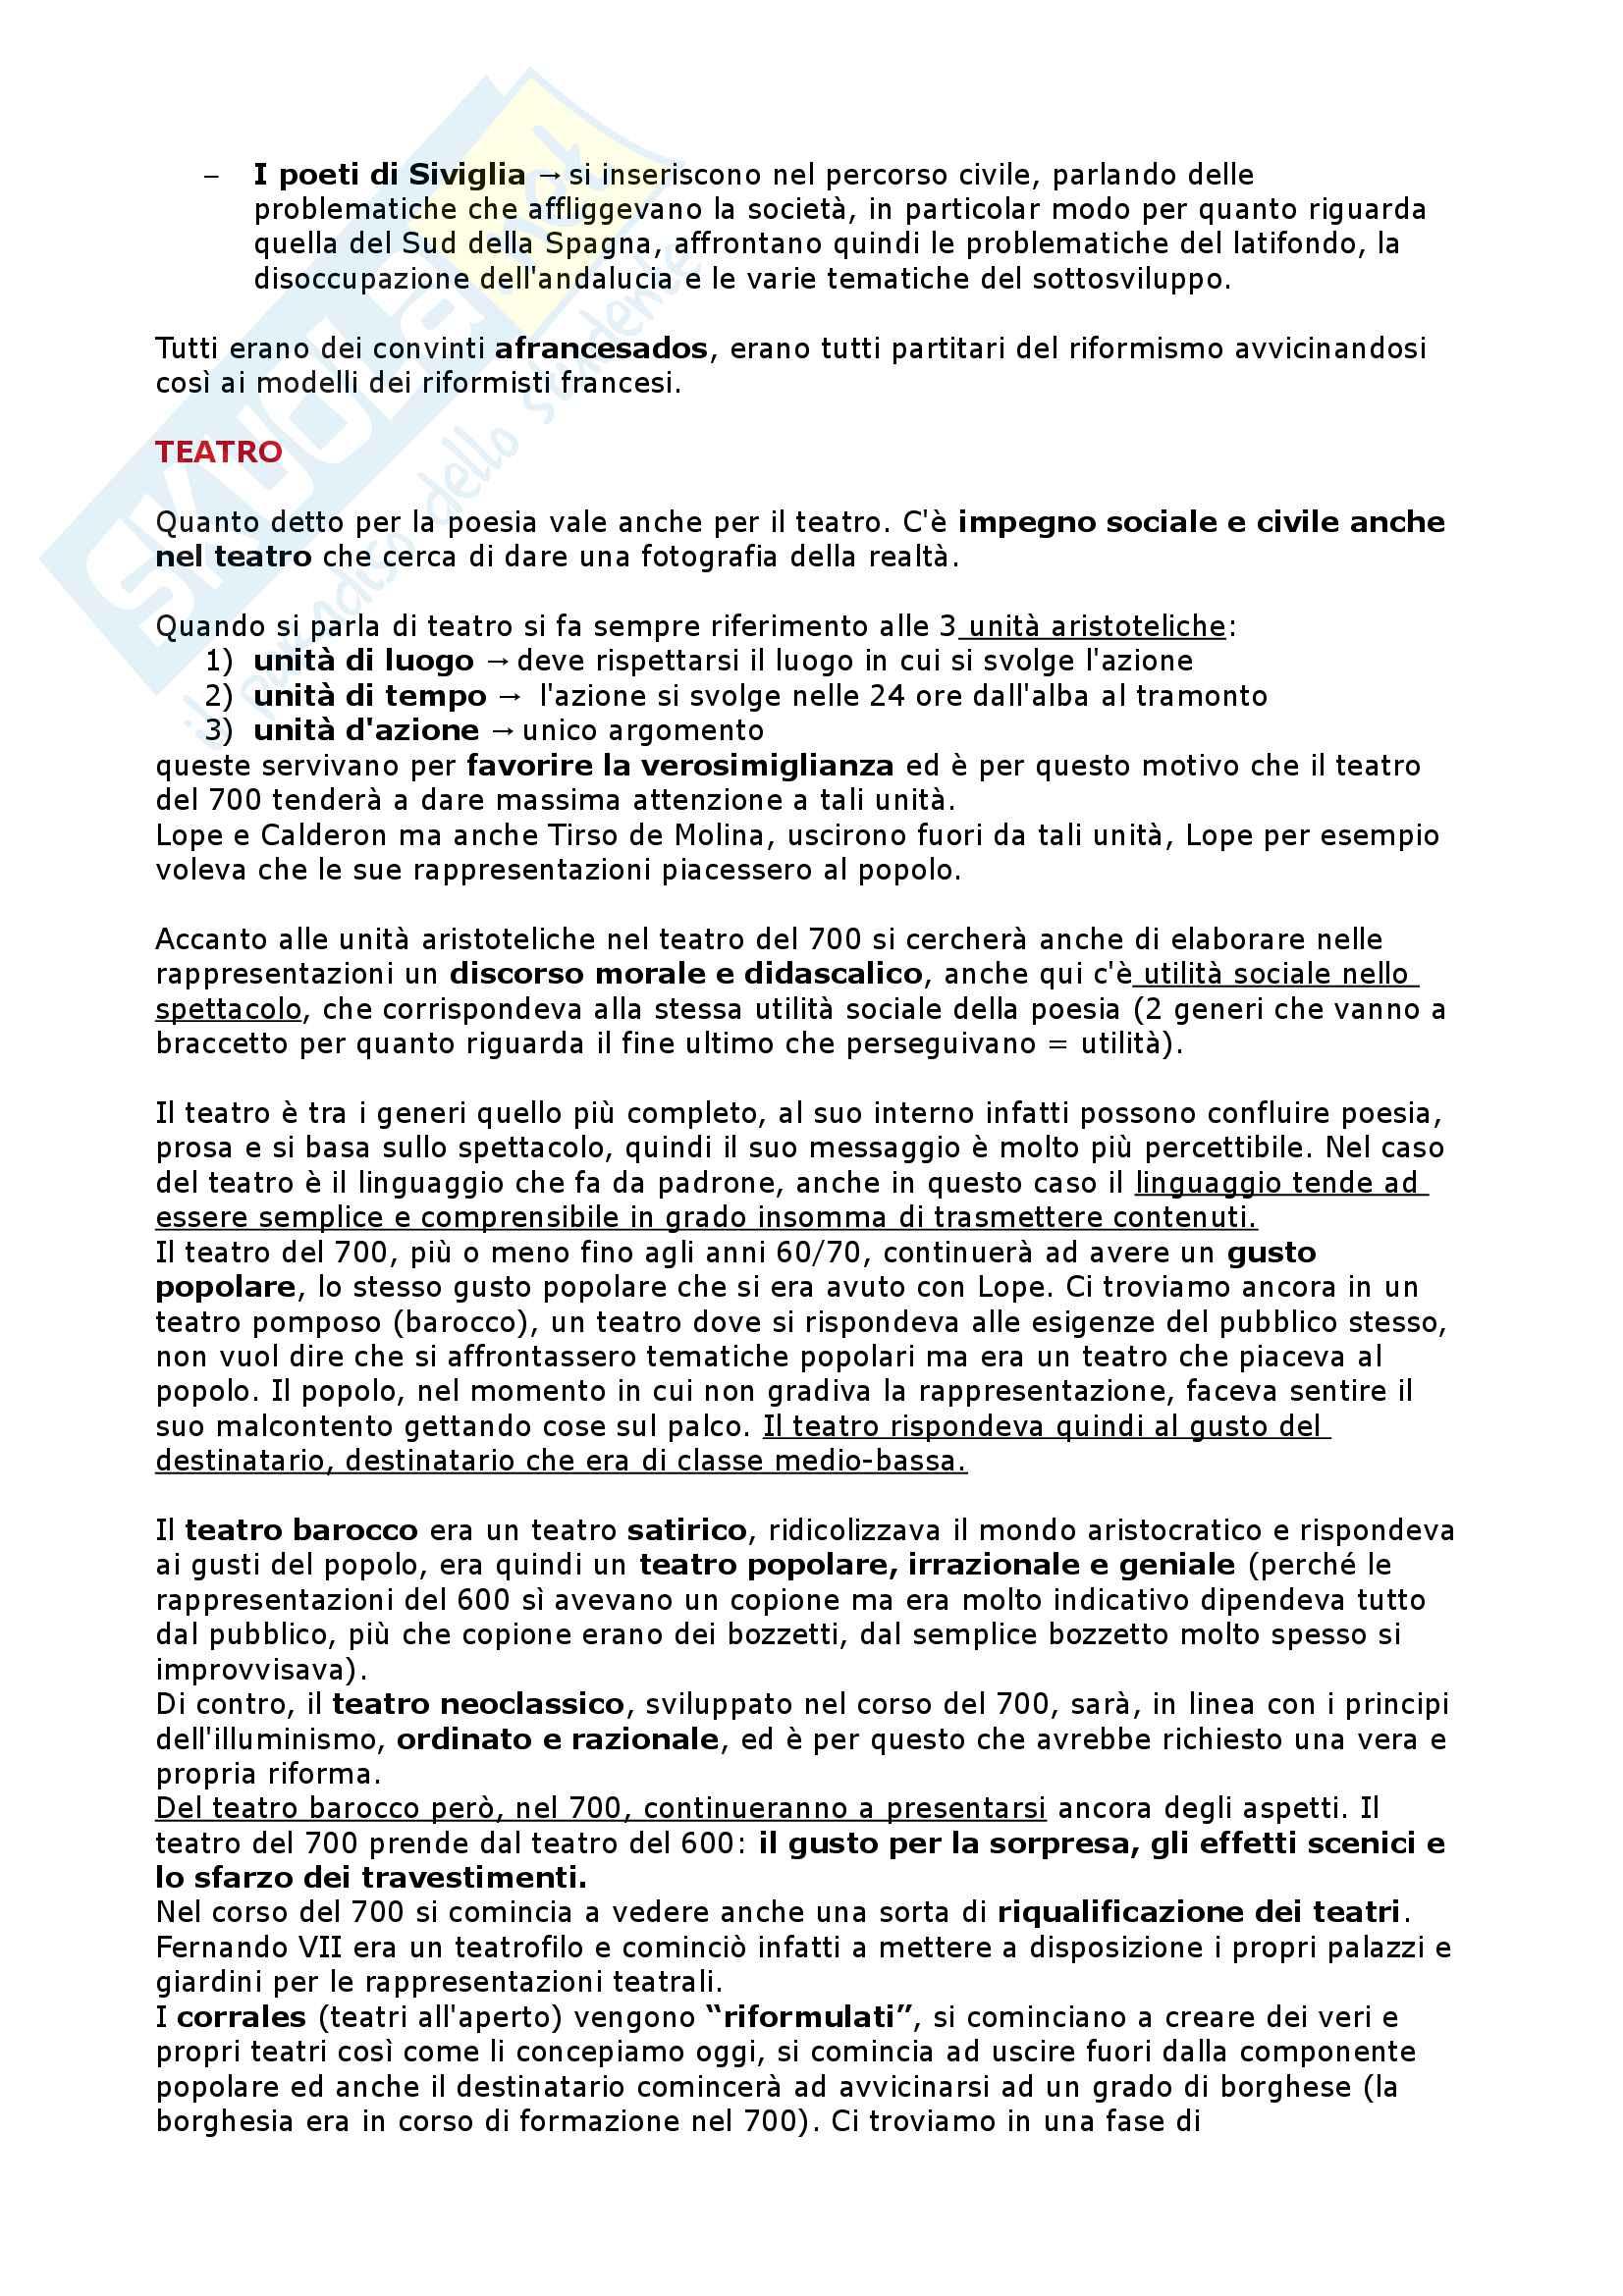 Il Settecento, l'Ottocento, il Novecento - Letteratura Spagnola II Pag. 16